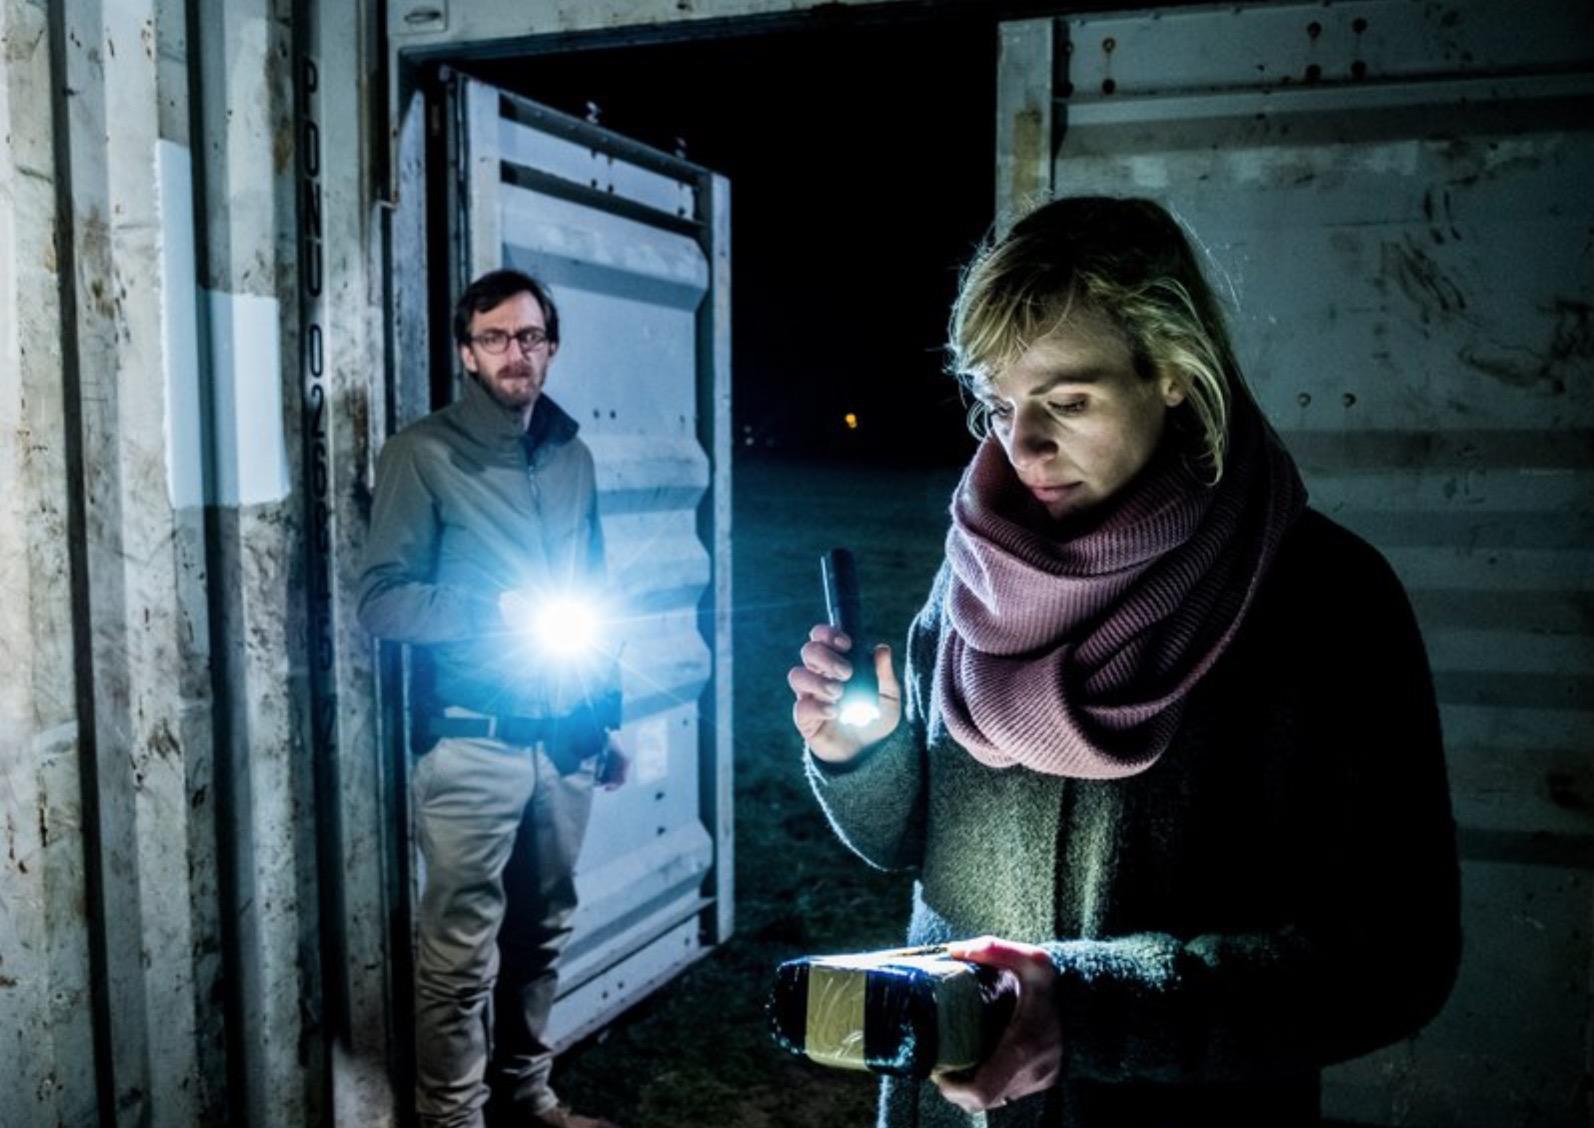 Hendrik von Bültzingslöwen and Katrin Jaehne in Der Container (2019)